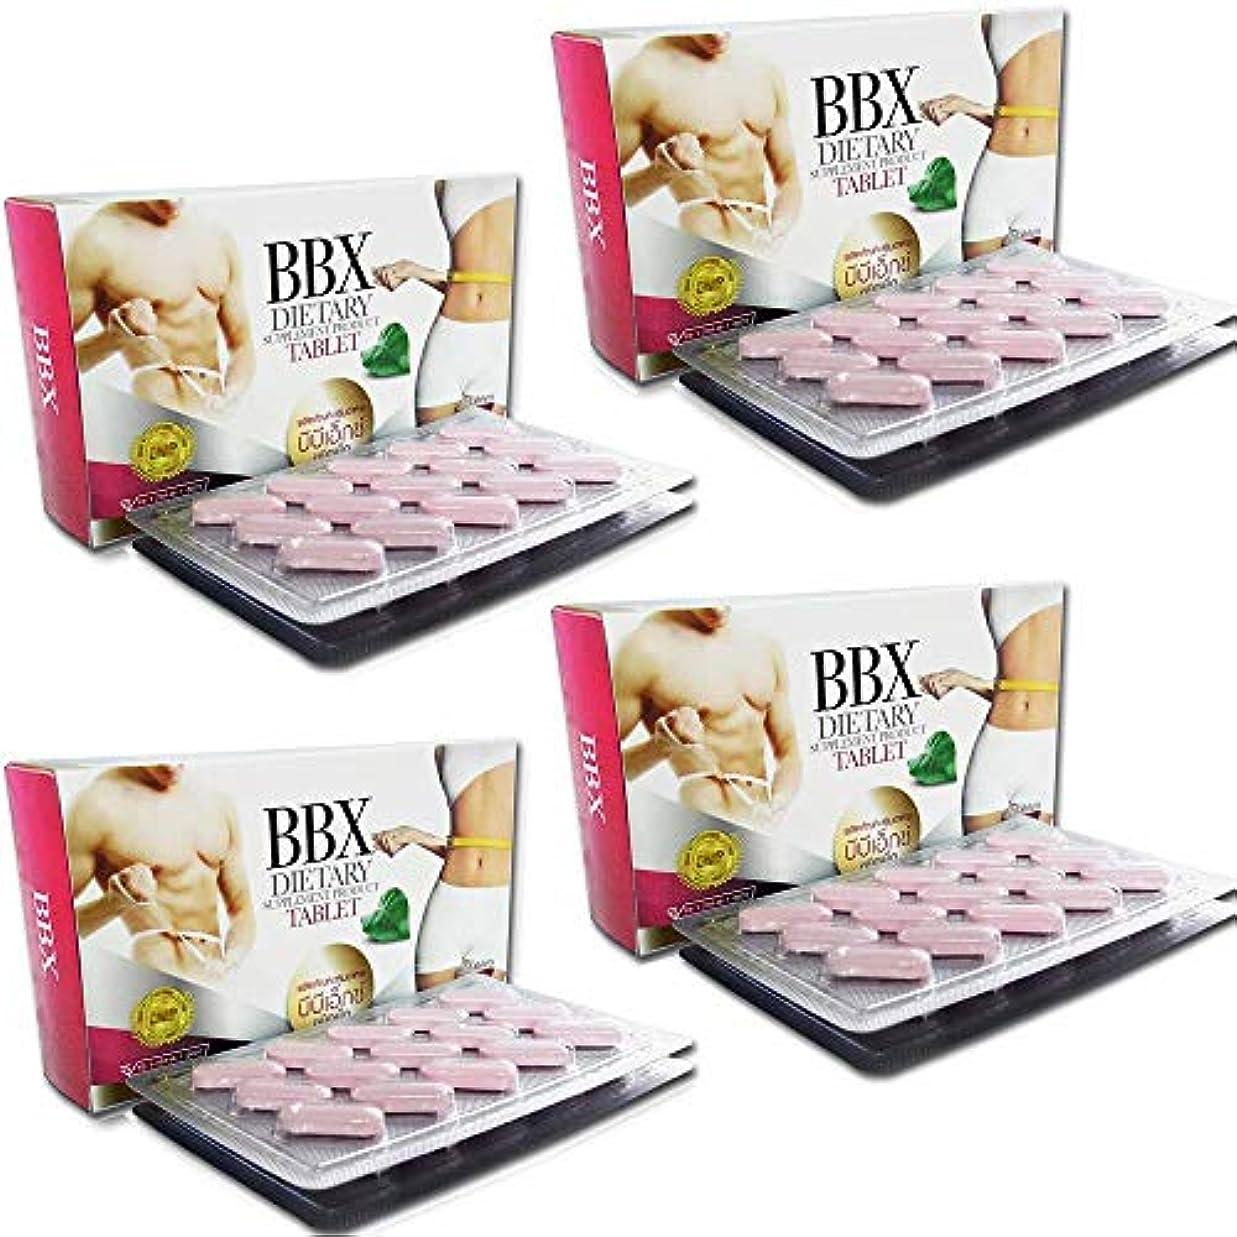 差意気込み見つけるクリニックや医師が推奨するダイエットサプリBBX 公式パンフレット&説明書付き 4箱合計120錠